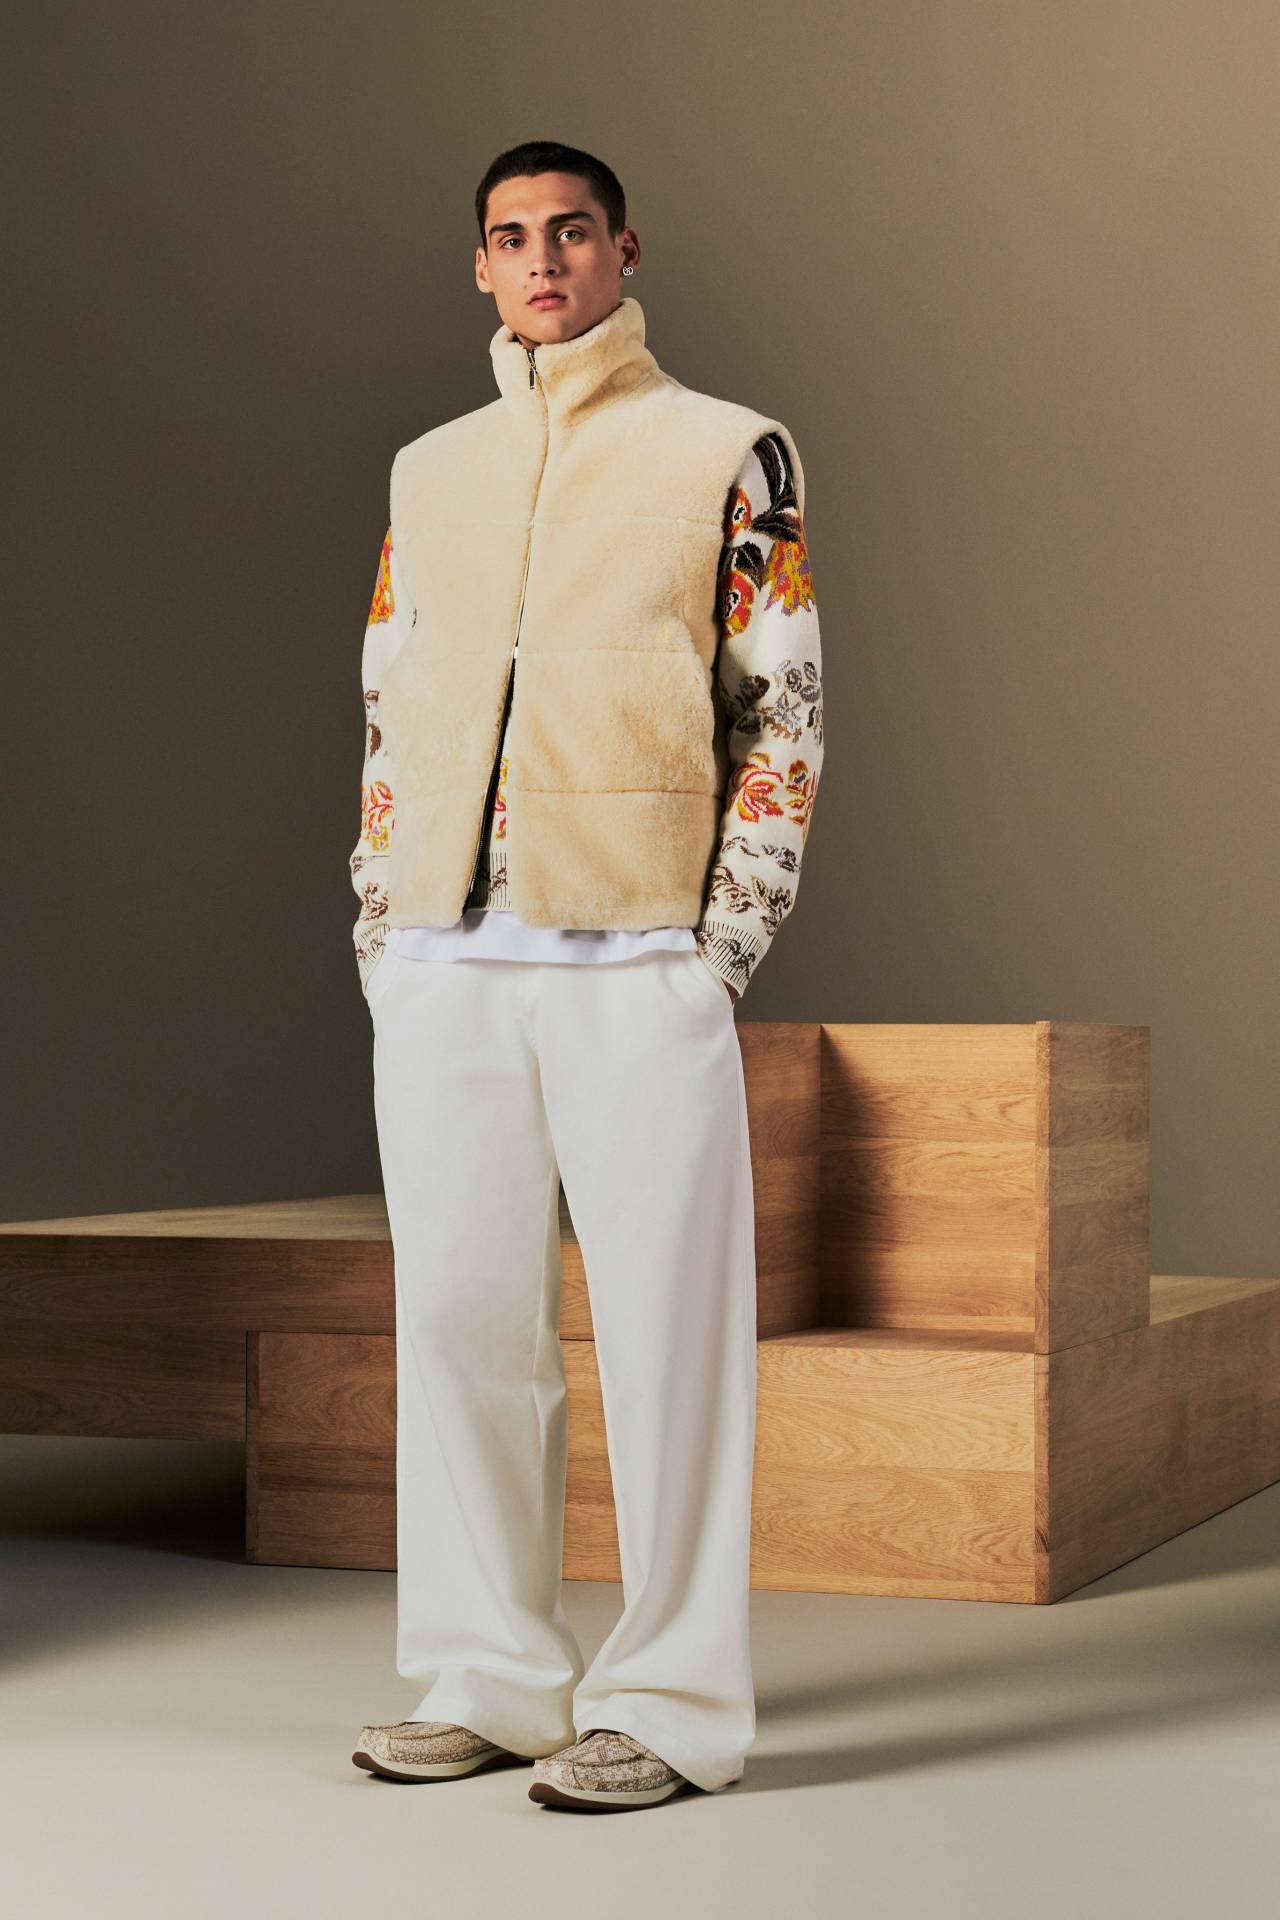 Outfit for Mashirao OjiroDior MenResort 2022 #mashirao ojiro#ojiro mashirao#my heroacademia #boku no hero academia #bnha fashion#dior men#menswear#tan#white